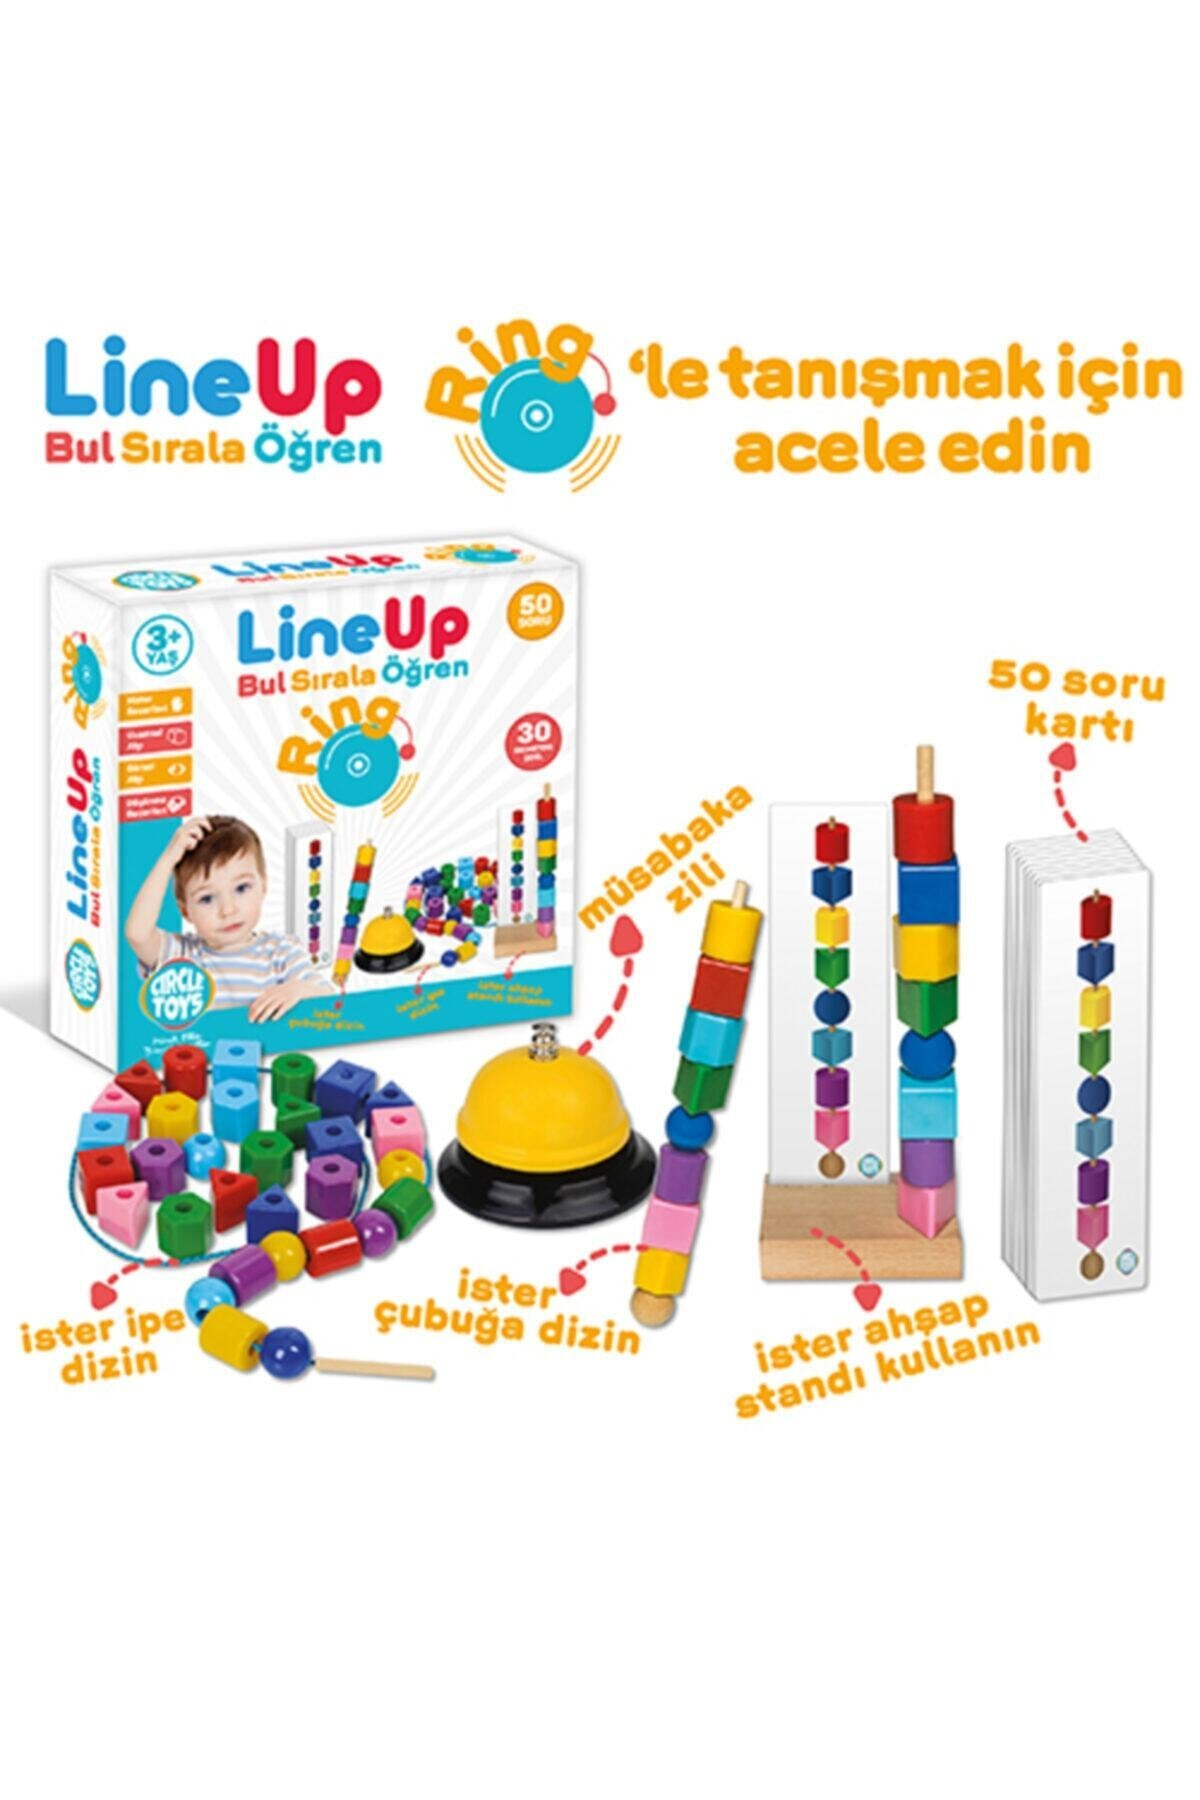 Circle Toys Line Up Ring - Bul Sırala Öğren 50 Soru 30 Geometrik Şekil Eğitim Seti 2